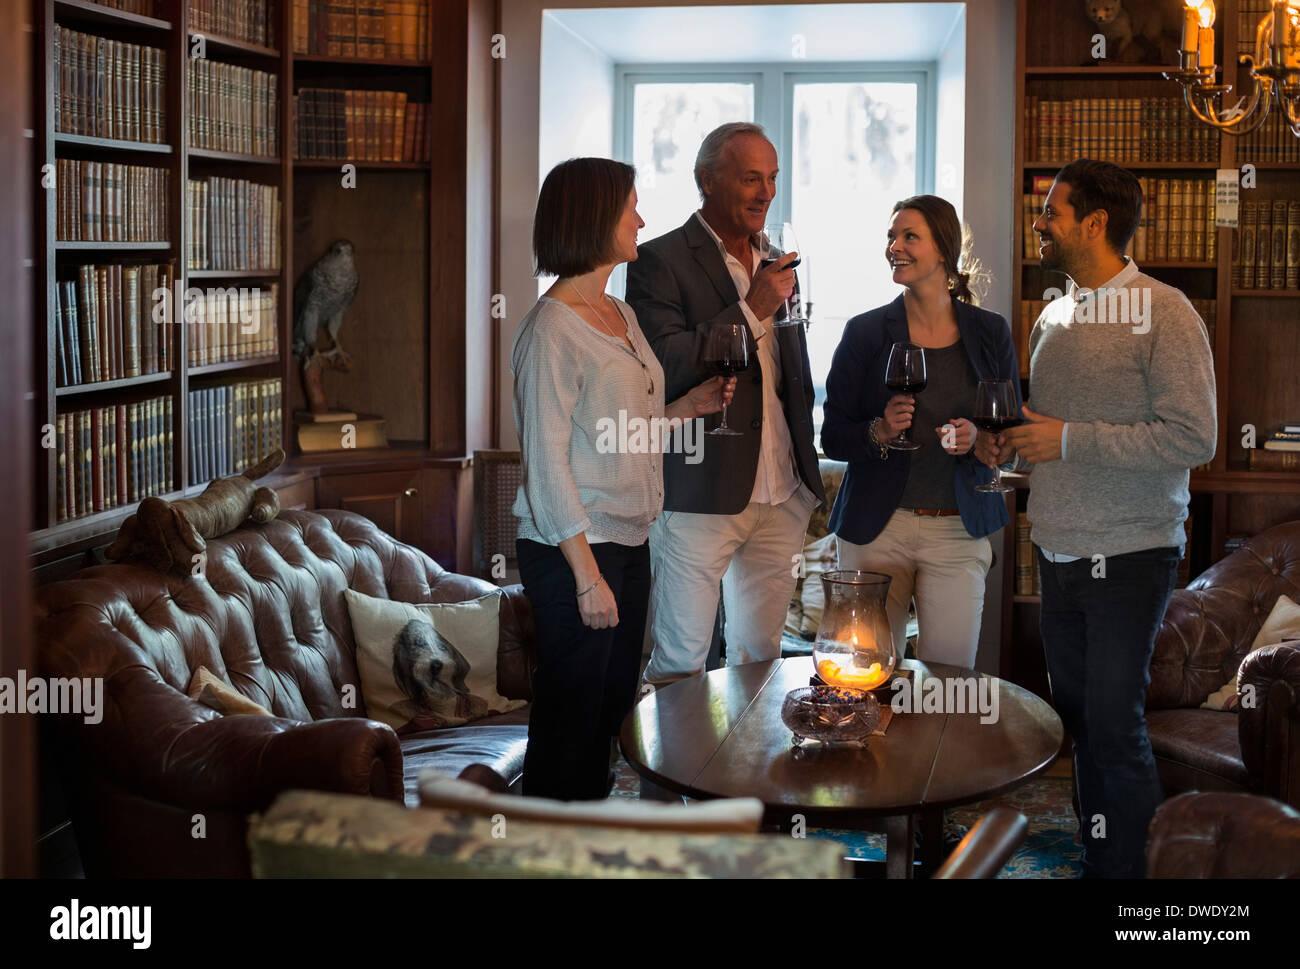 La gente di affari con wineglasses trascorrere il tempo libero al ristorante lobby Immagini Stock